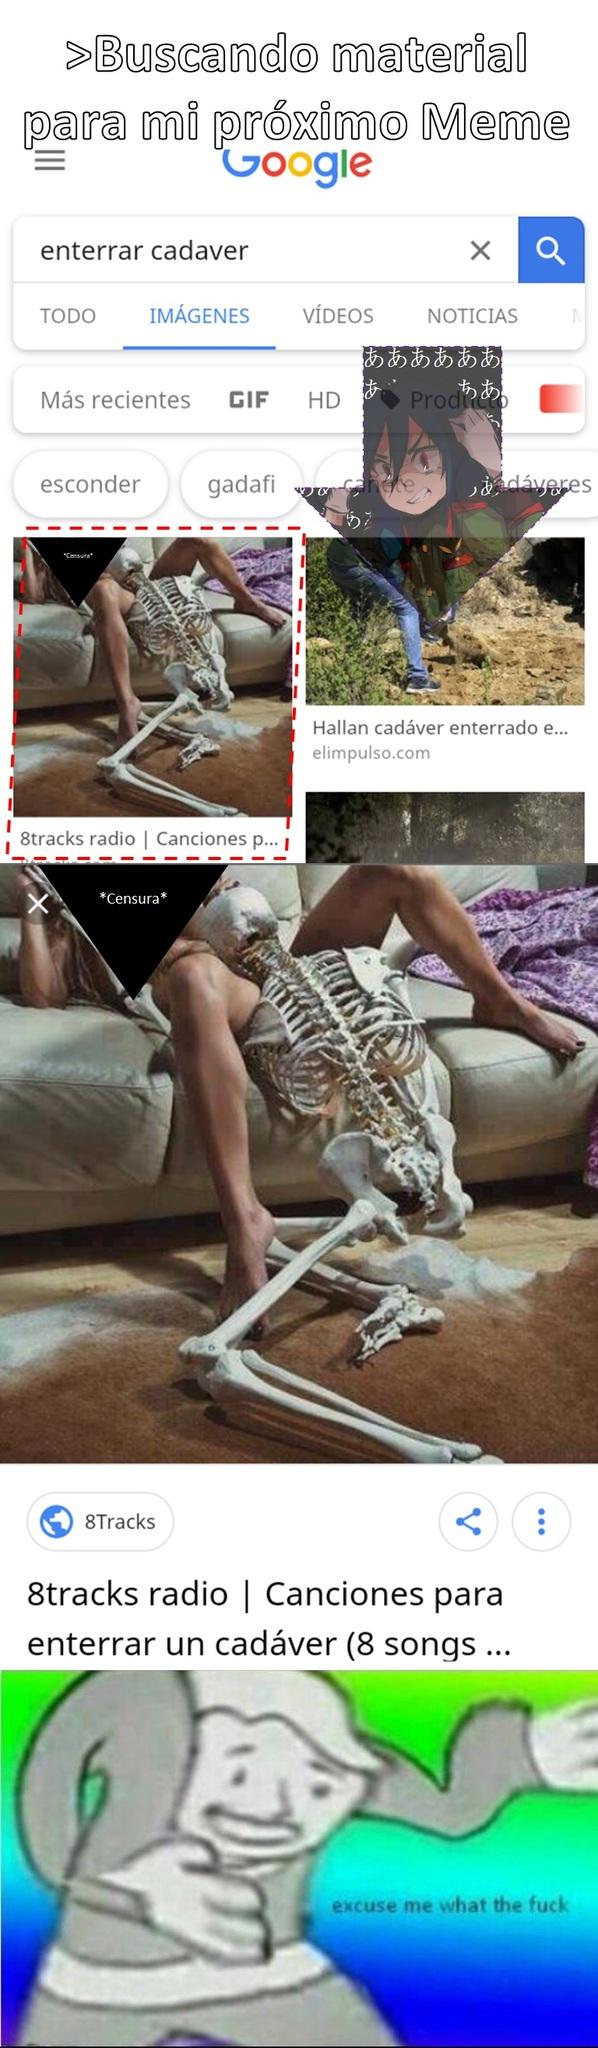 Ya no se puede buscar cadáveres tranquilo... - meme